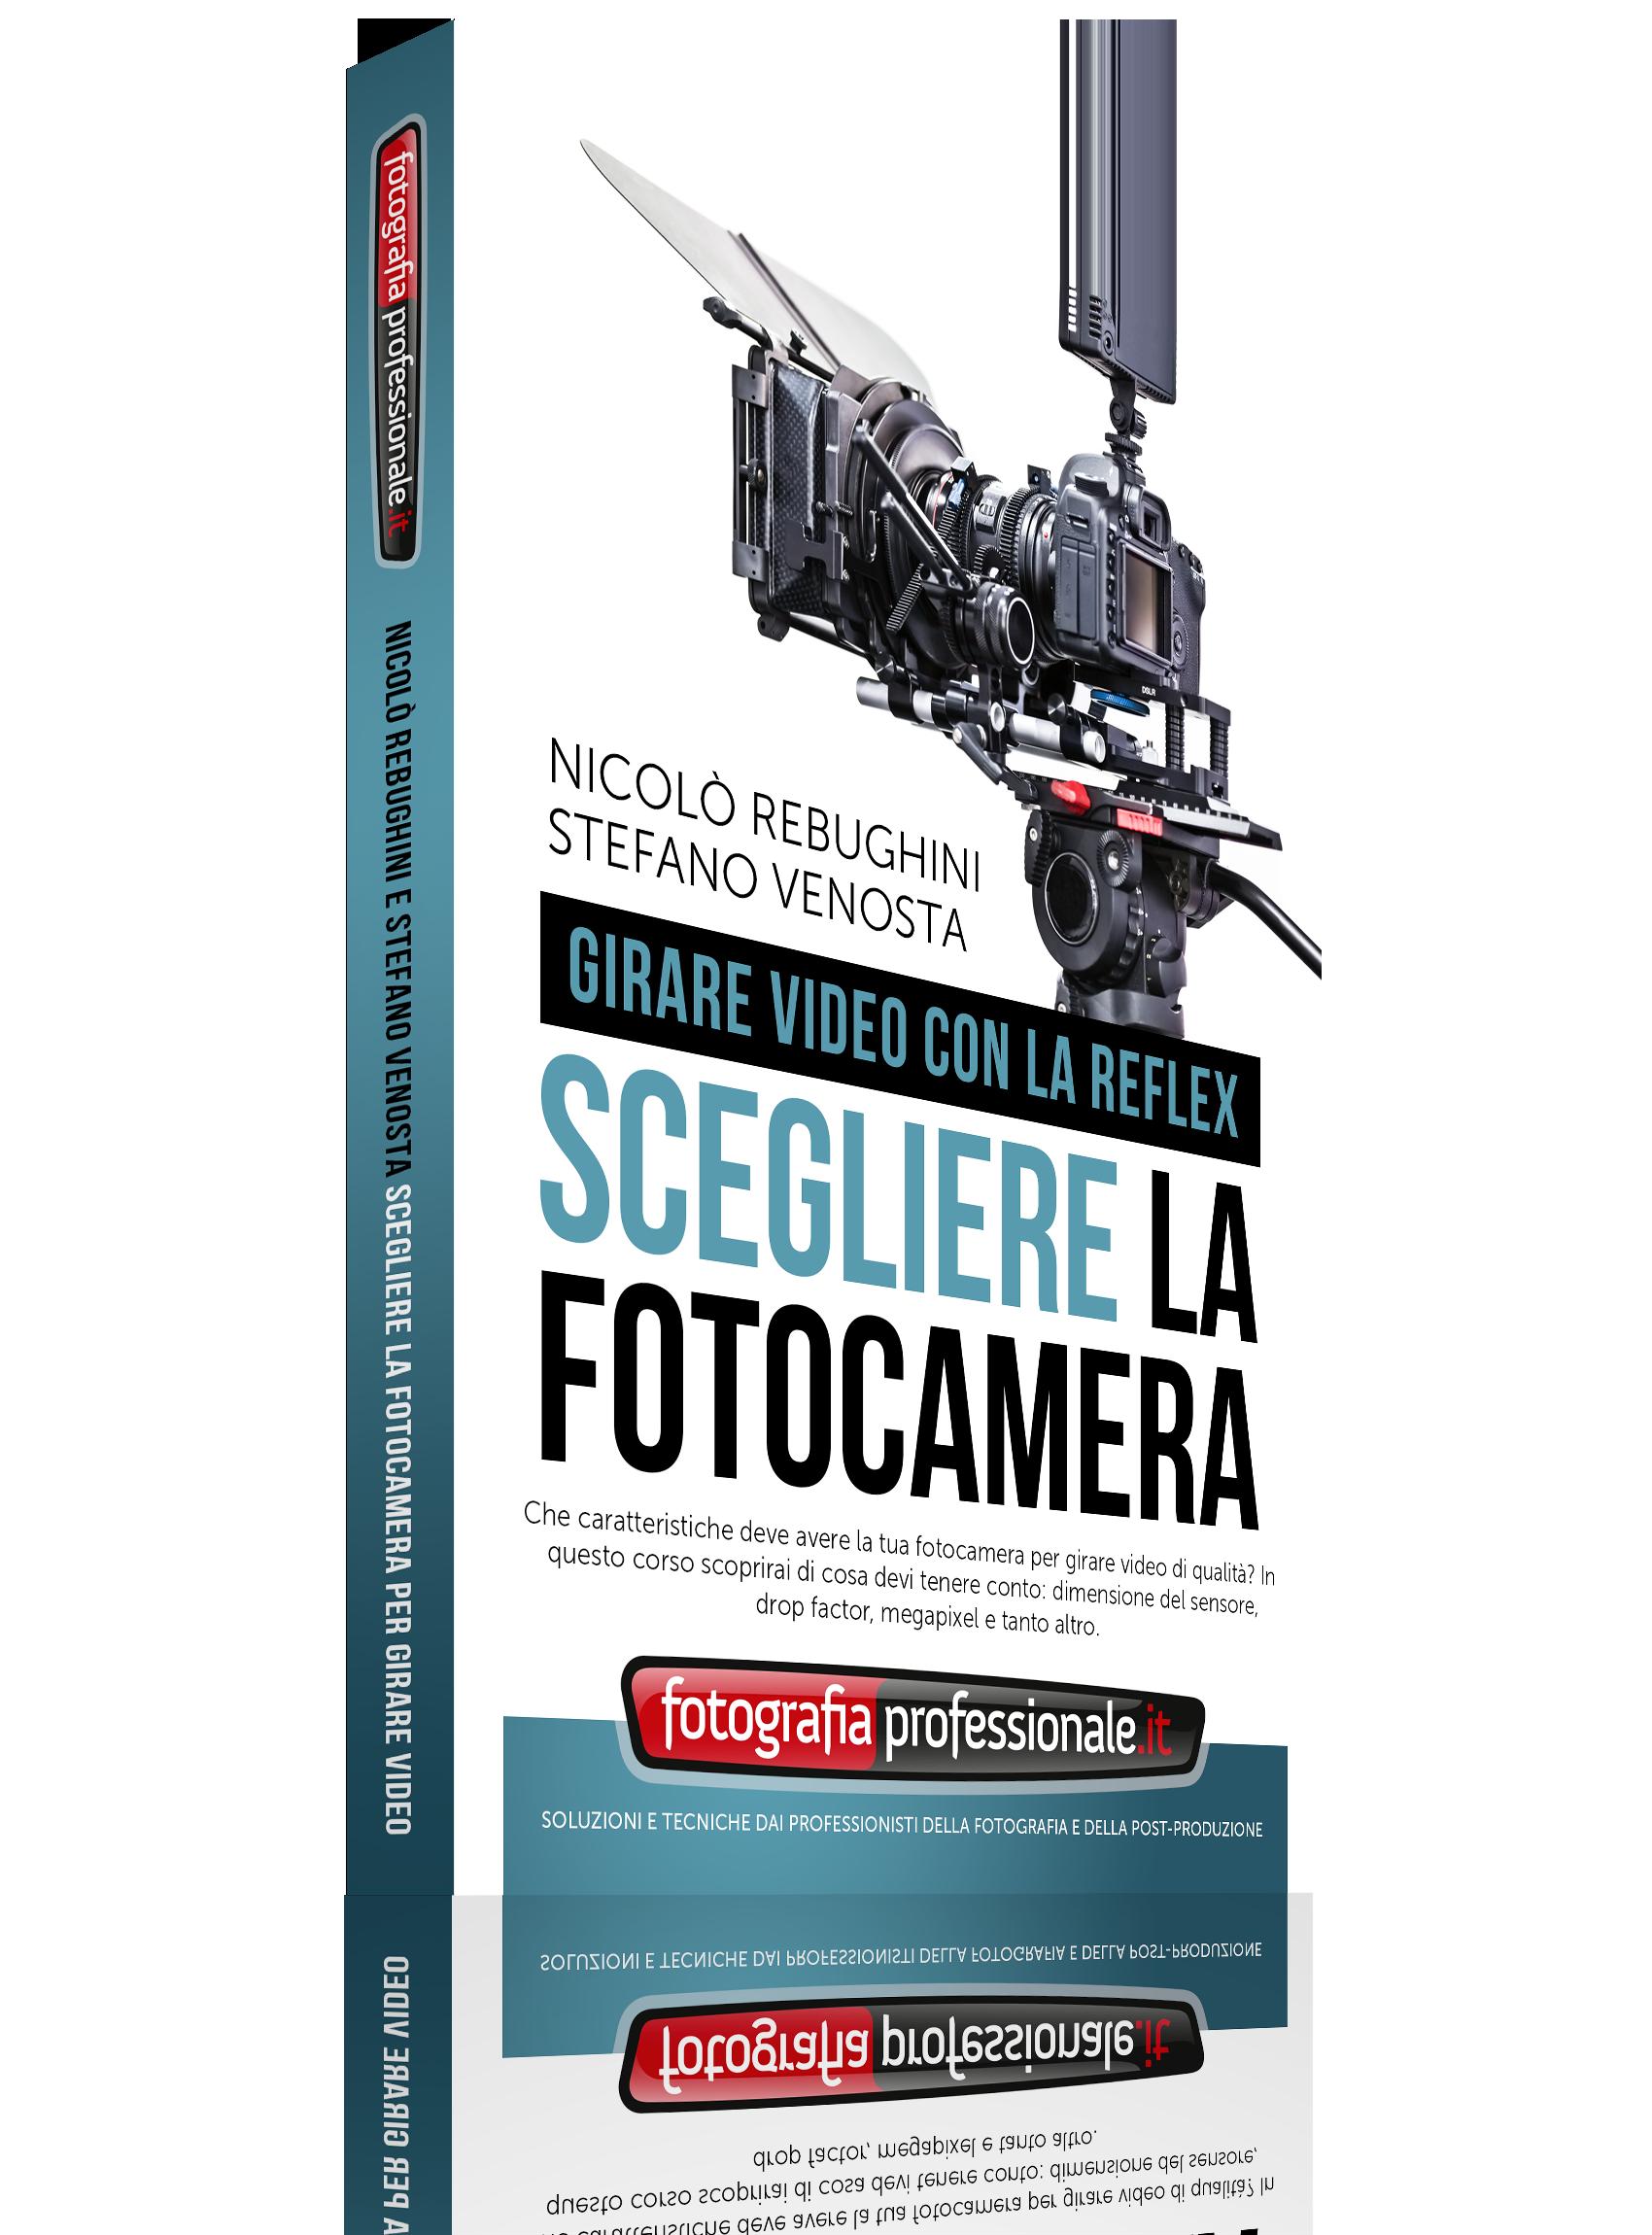 Scegliere la Fotocamera per Girare Video